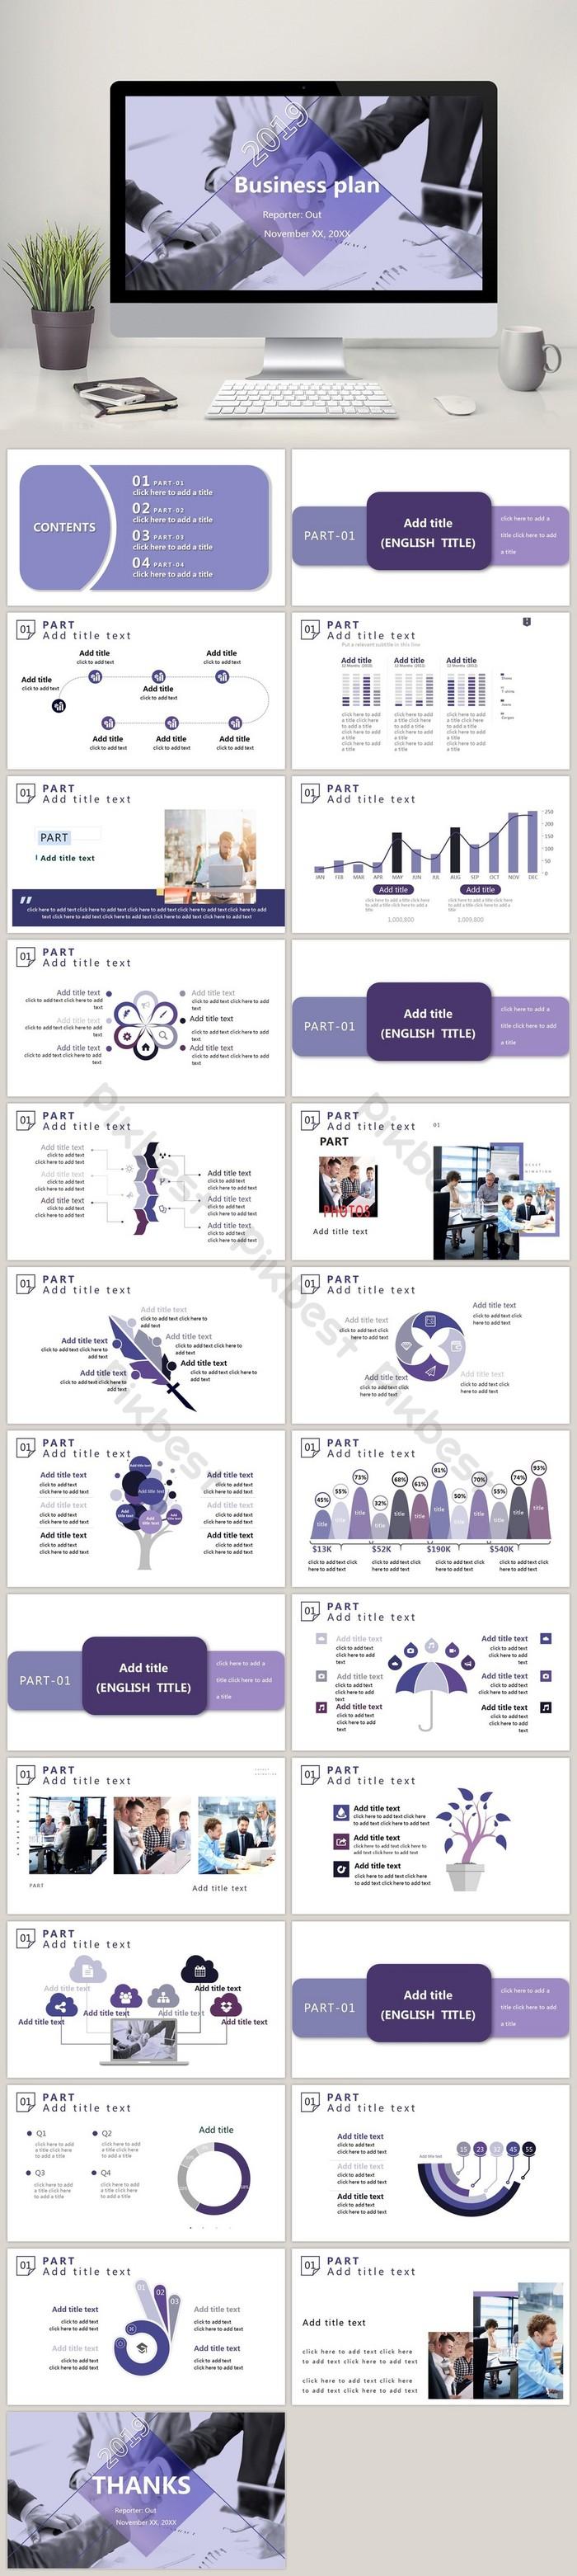 藍色漸變商業計劃書PPT模板| PPTX PowerPoint素材免費下載 - Pikbest